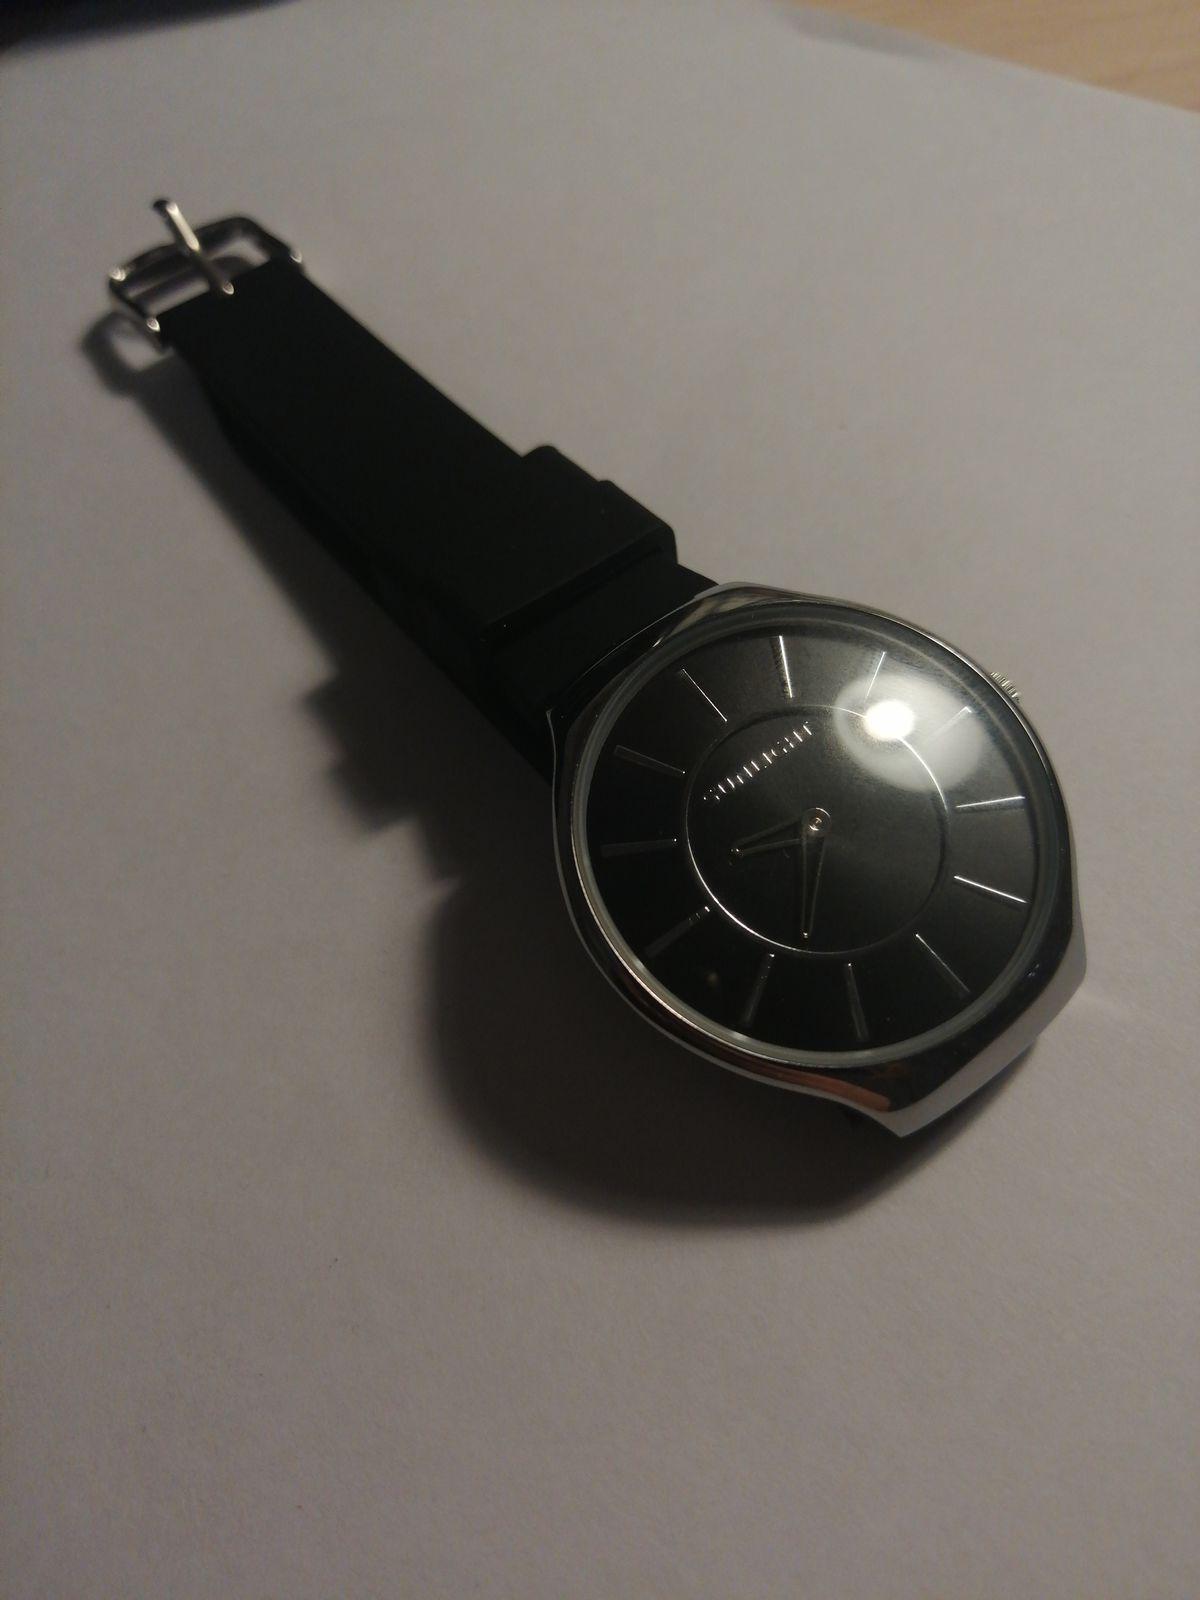 Случайно увидела эти часы и они произвели на меня большое впечатление.